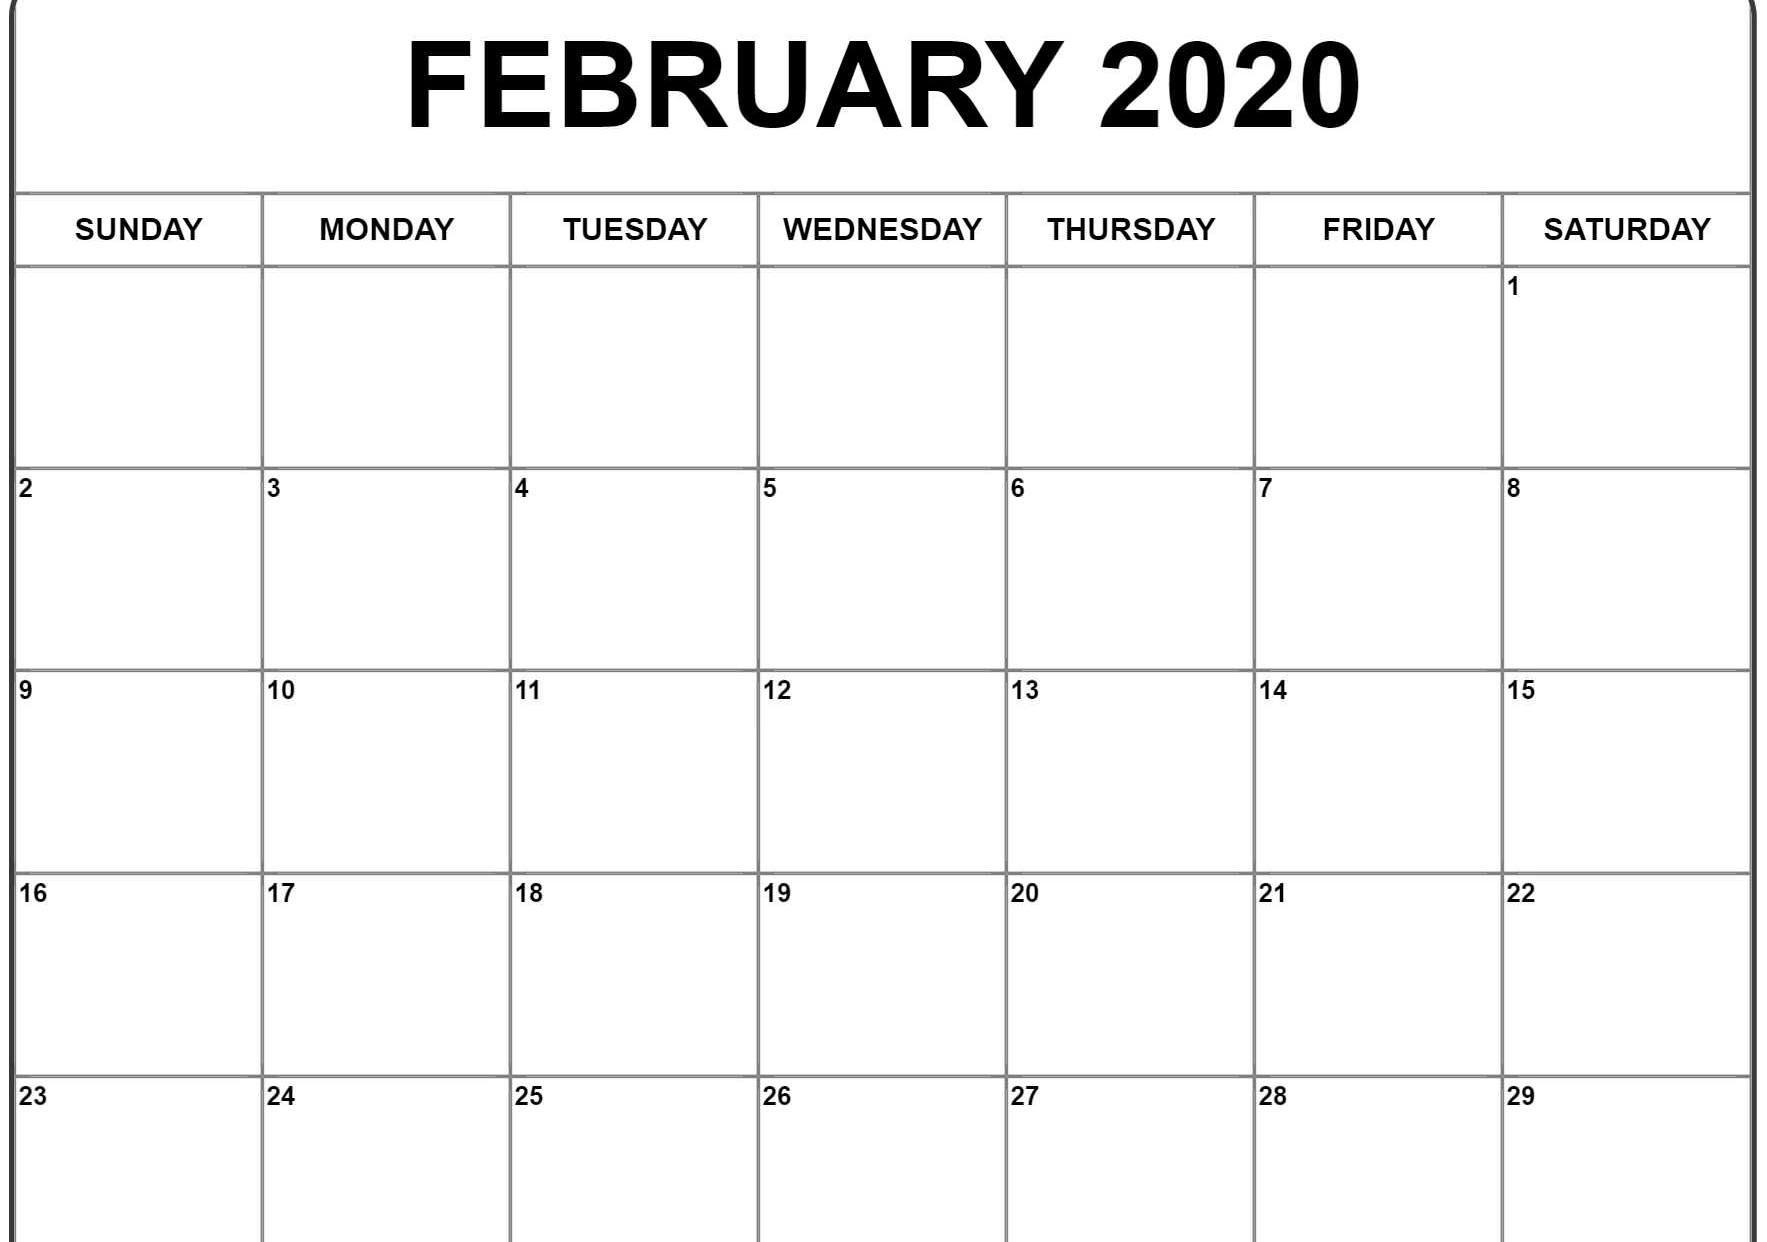 Print February 2020 Calendar - Wpa.wpart.co